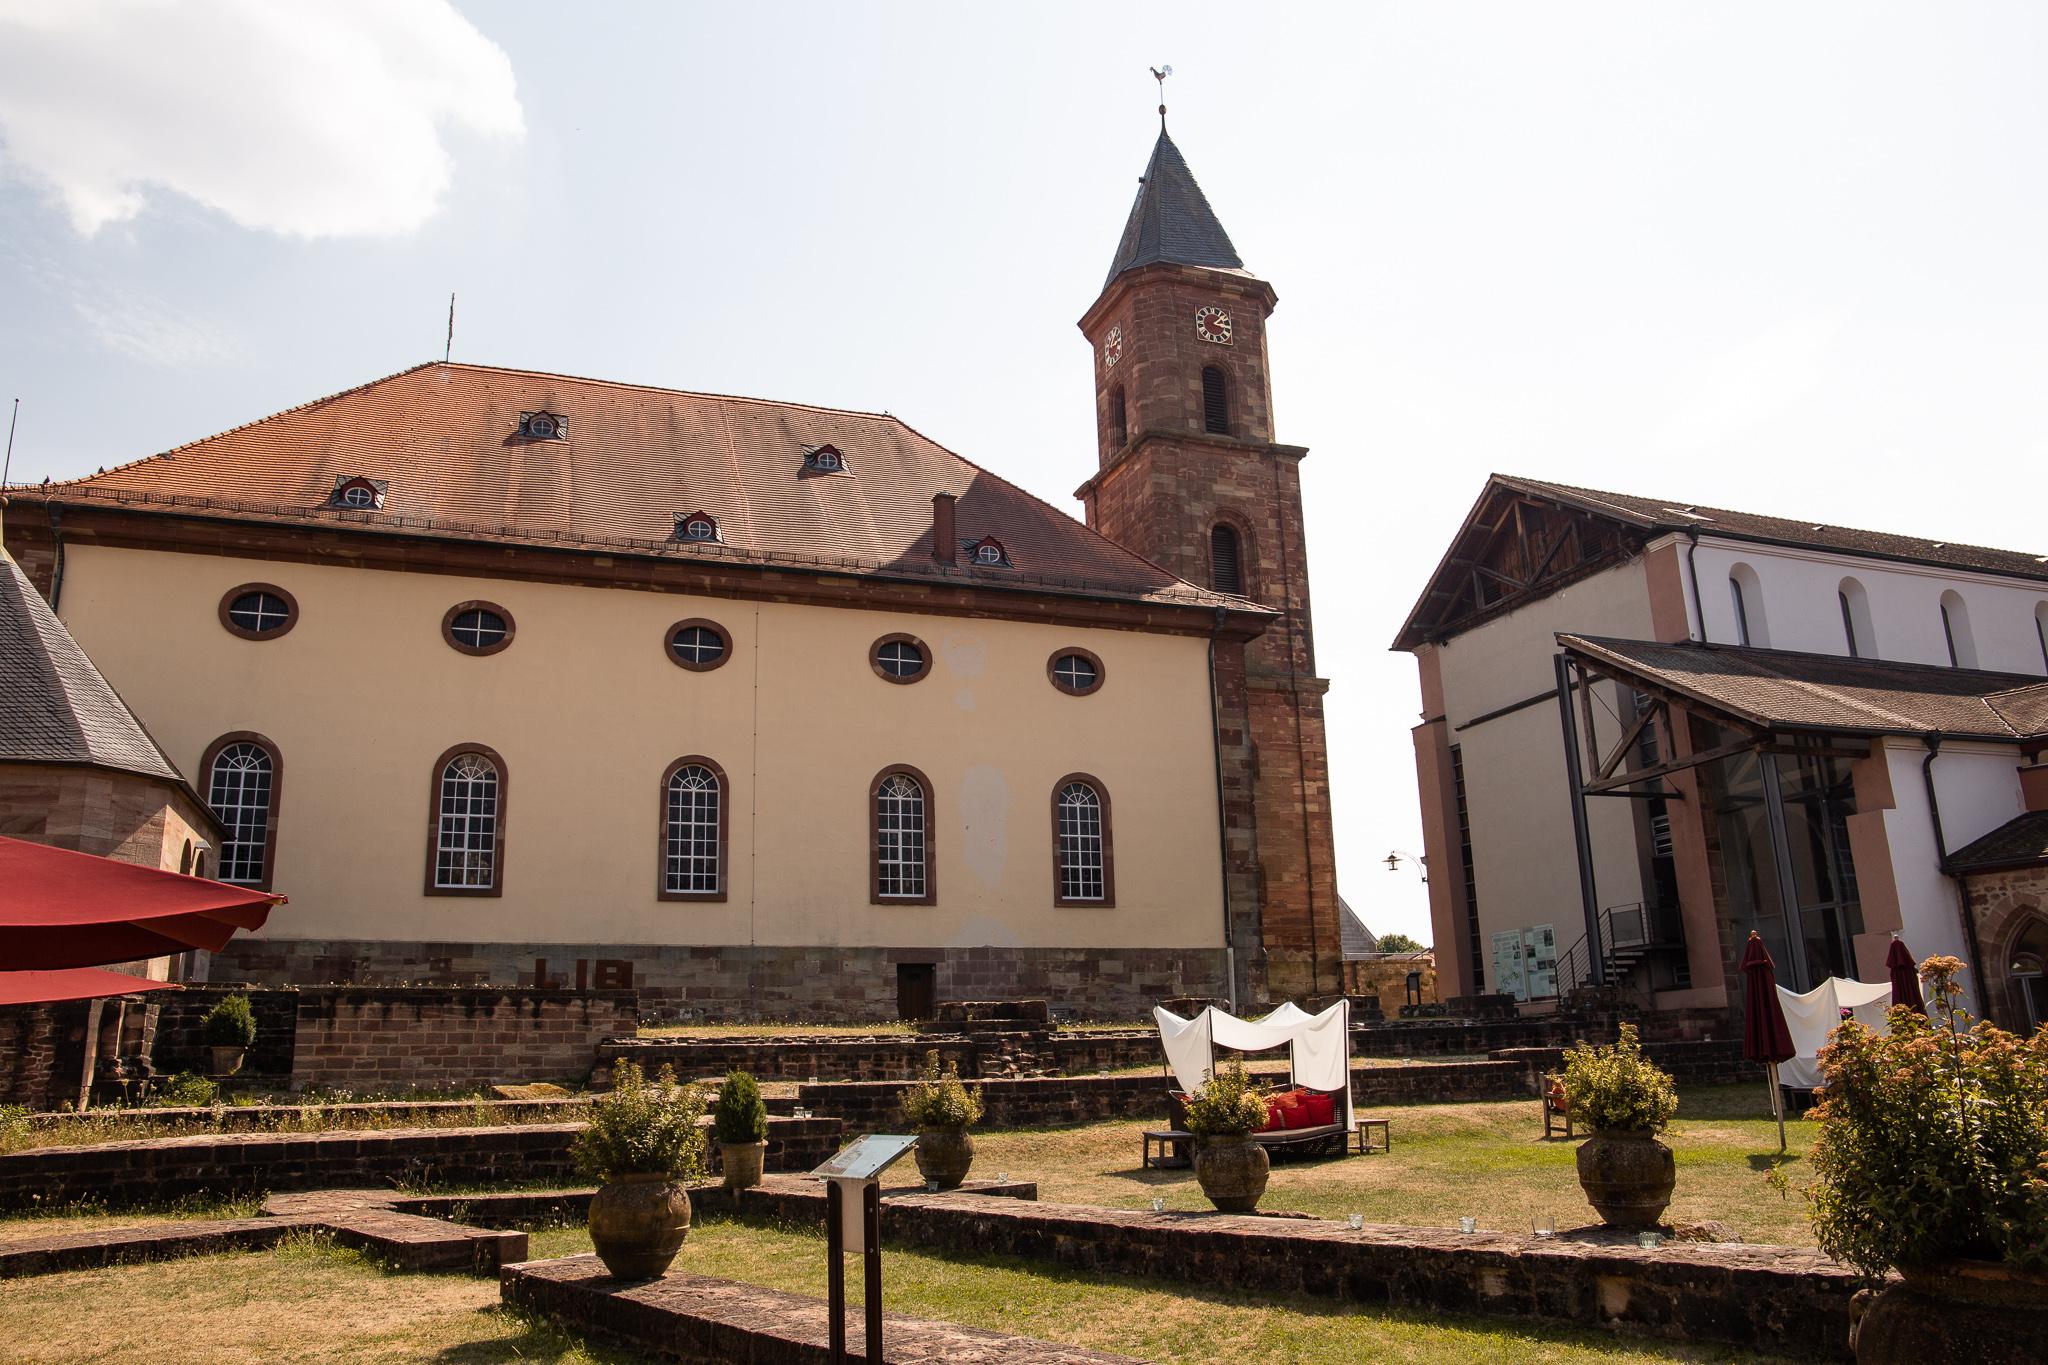 urlaub in der pfalz kloster hornbach sehenswürdigkeiten ausflugtipps -06